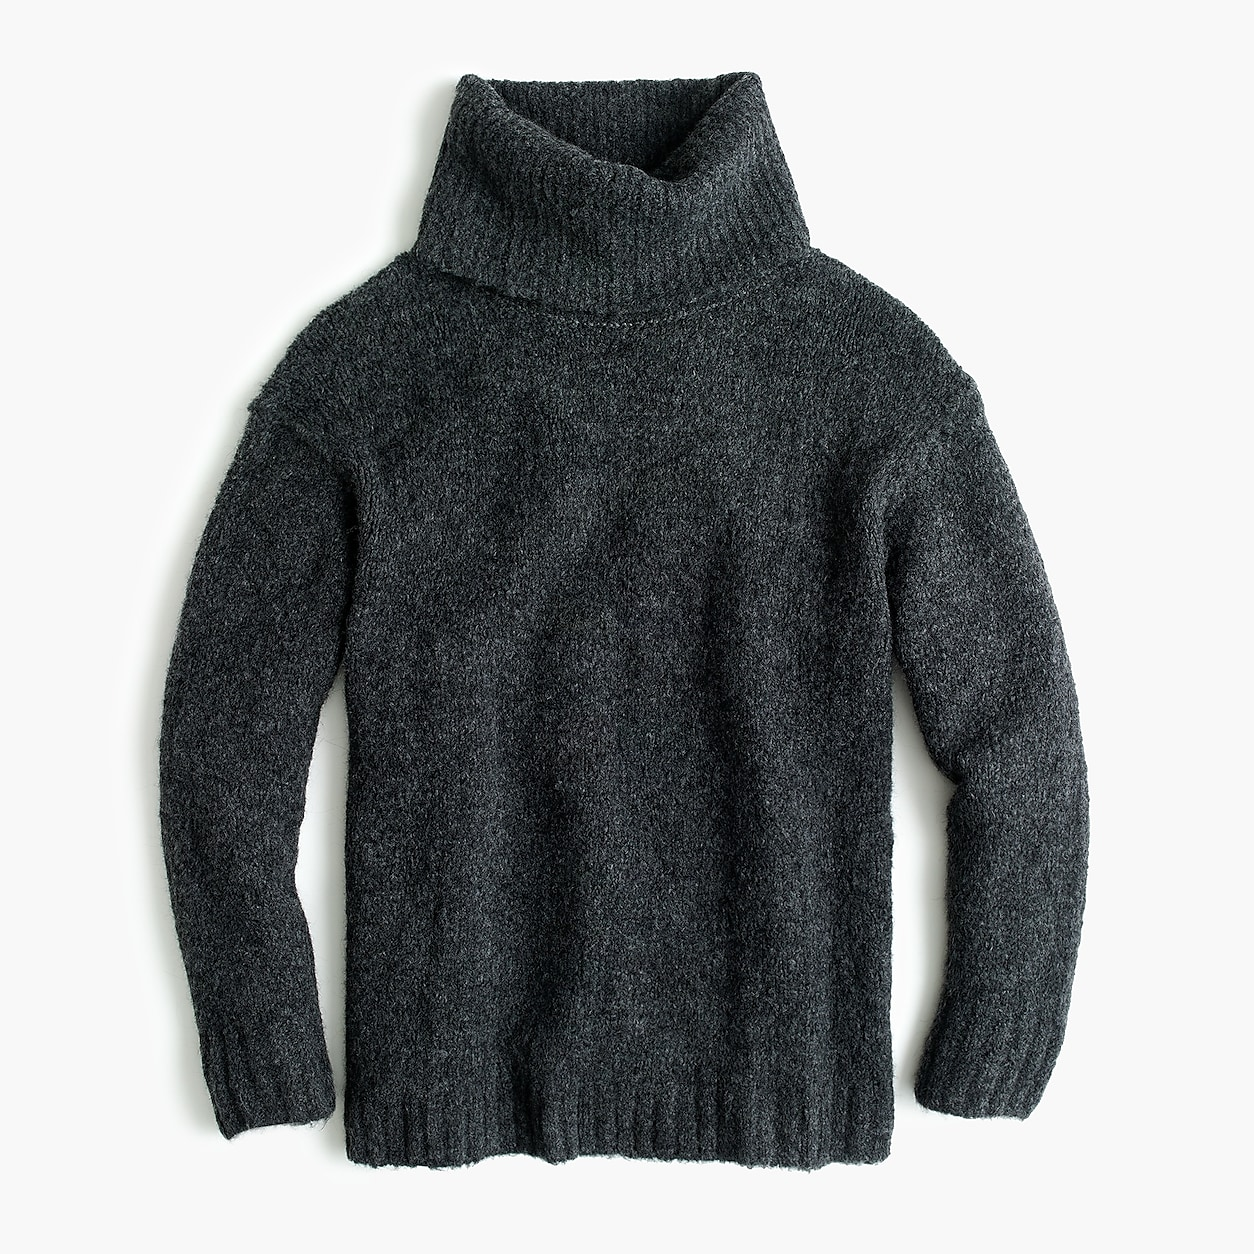 079c7401a78 Bouclé Oversized Turtleneck Sweater